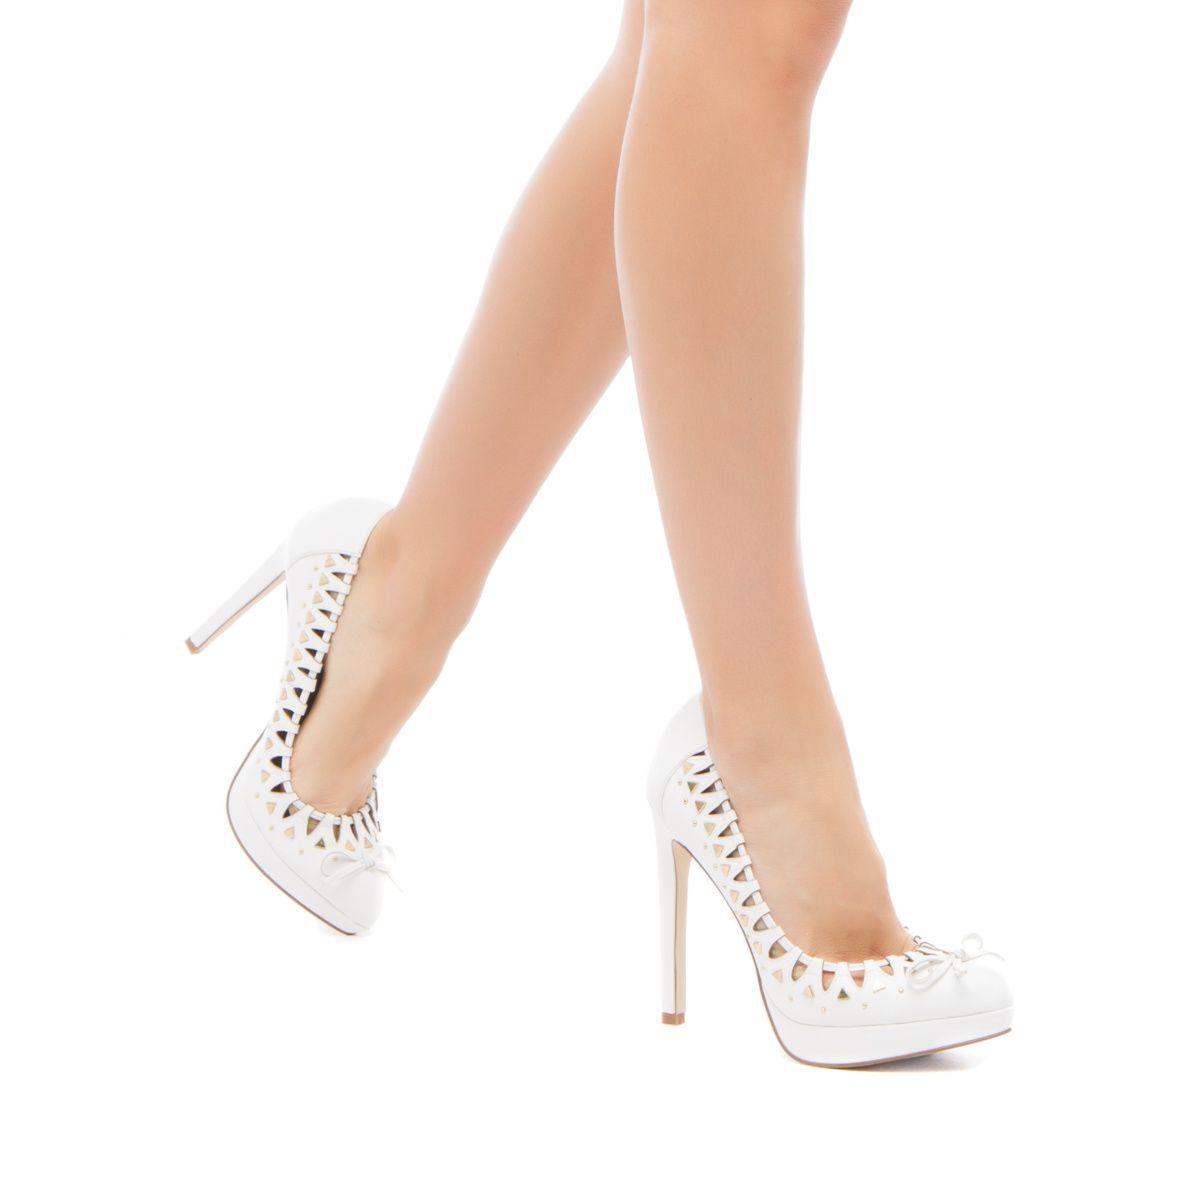 Jordian | ShoeDazzle